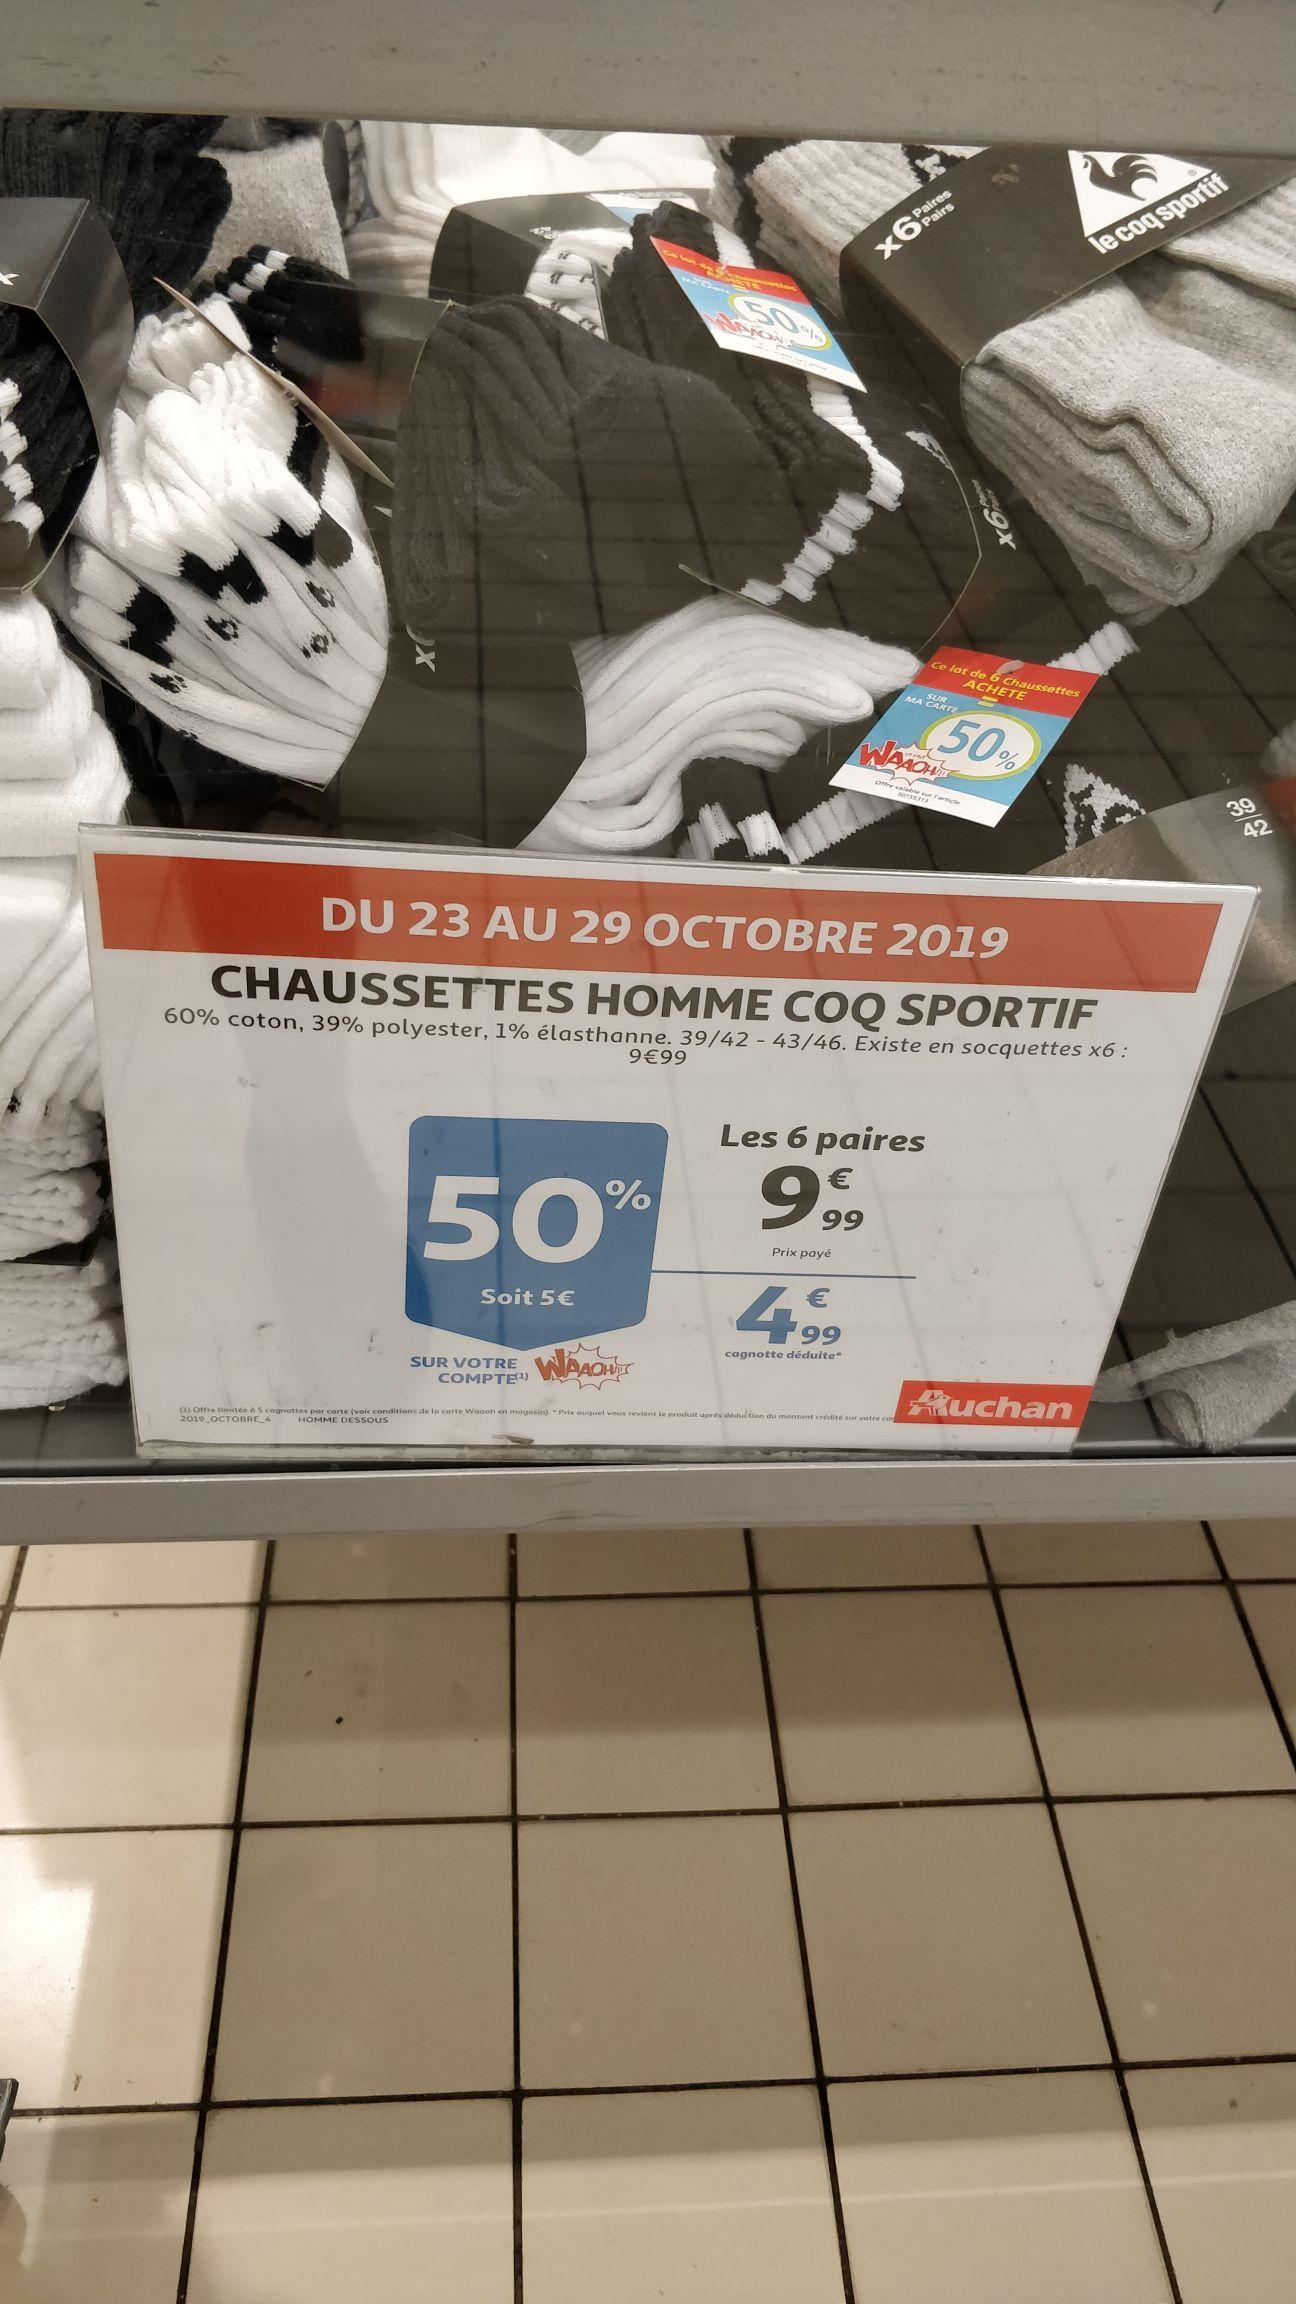 Lot de 6 paires de chaussettes Le Coq Sportif - du 39 au 46 (via 5€ sur la carte de fidélité) - Noyelles-Godault (62)